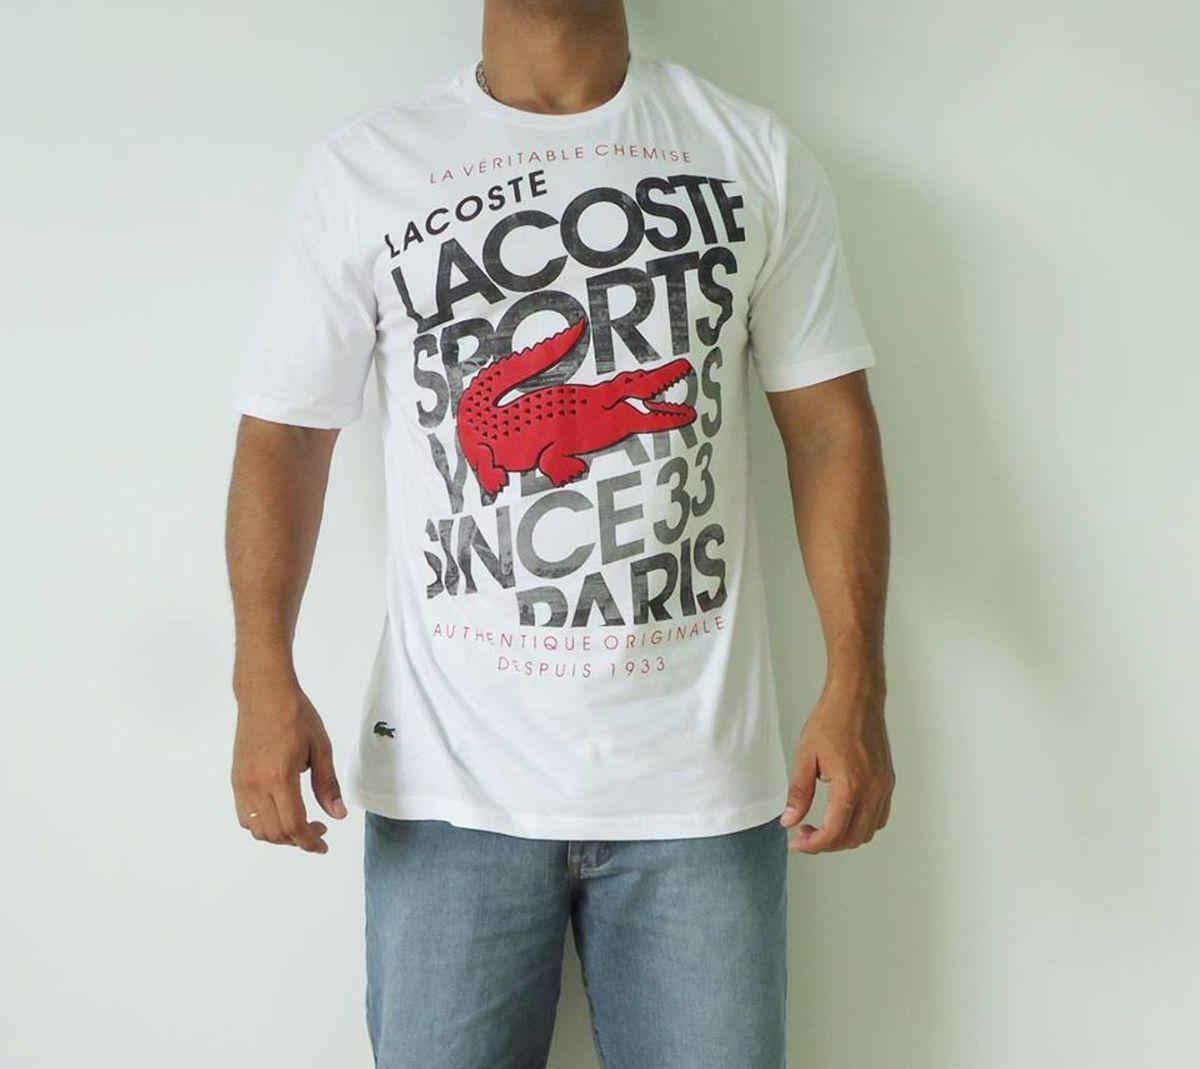 camisa lacoste live estampada - camisas lacoste.  Czm6ly9wag90b3muzw5qb2vplmnvbs5ici9wcm9kdwn0cy81mtcxmjqzlzhlm2rhnthlndu1yju1otlimta2zgy4ndazzja0nmvjlmpwzw  ... 1e246fa028